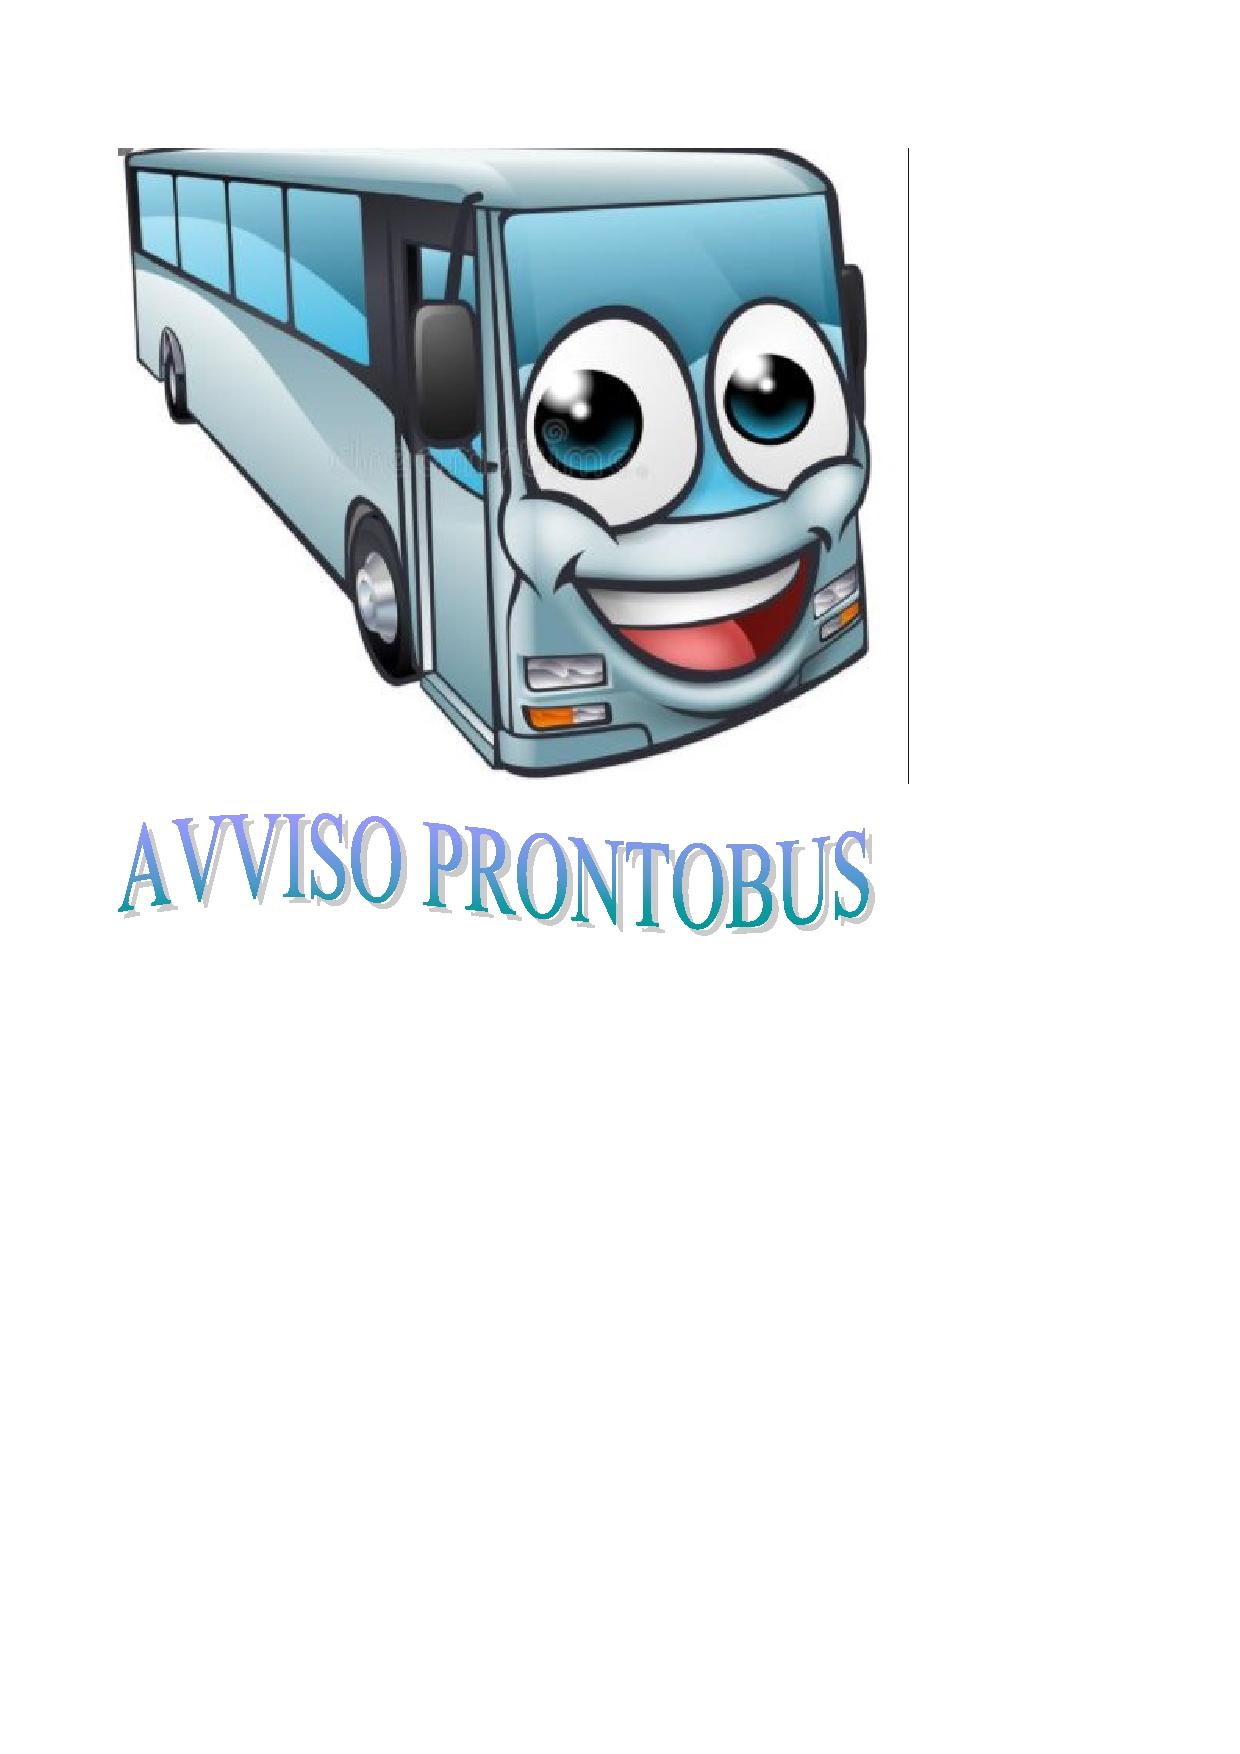 SERVIZIO DI PRONTOBUS